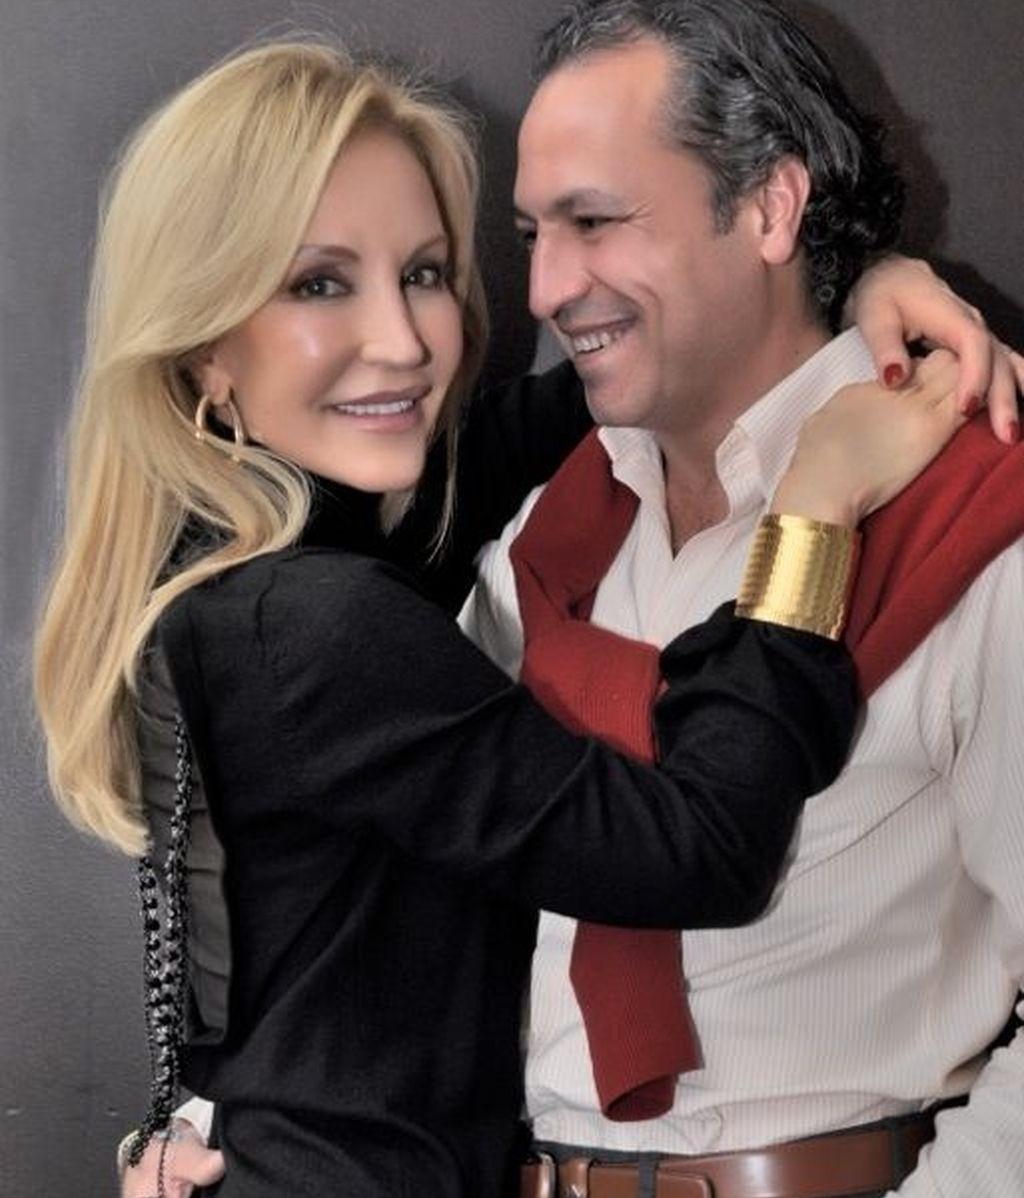 La pareja posa muy acaramelada ante la cámara